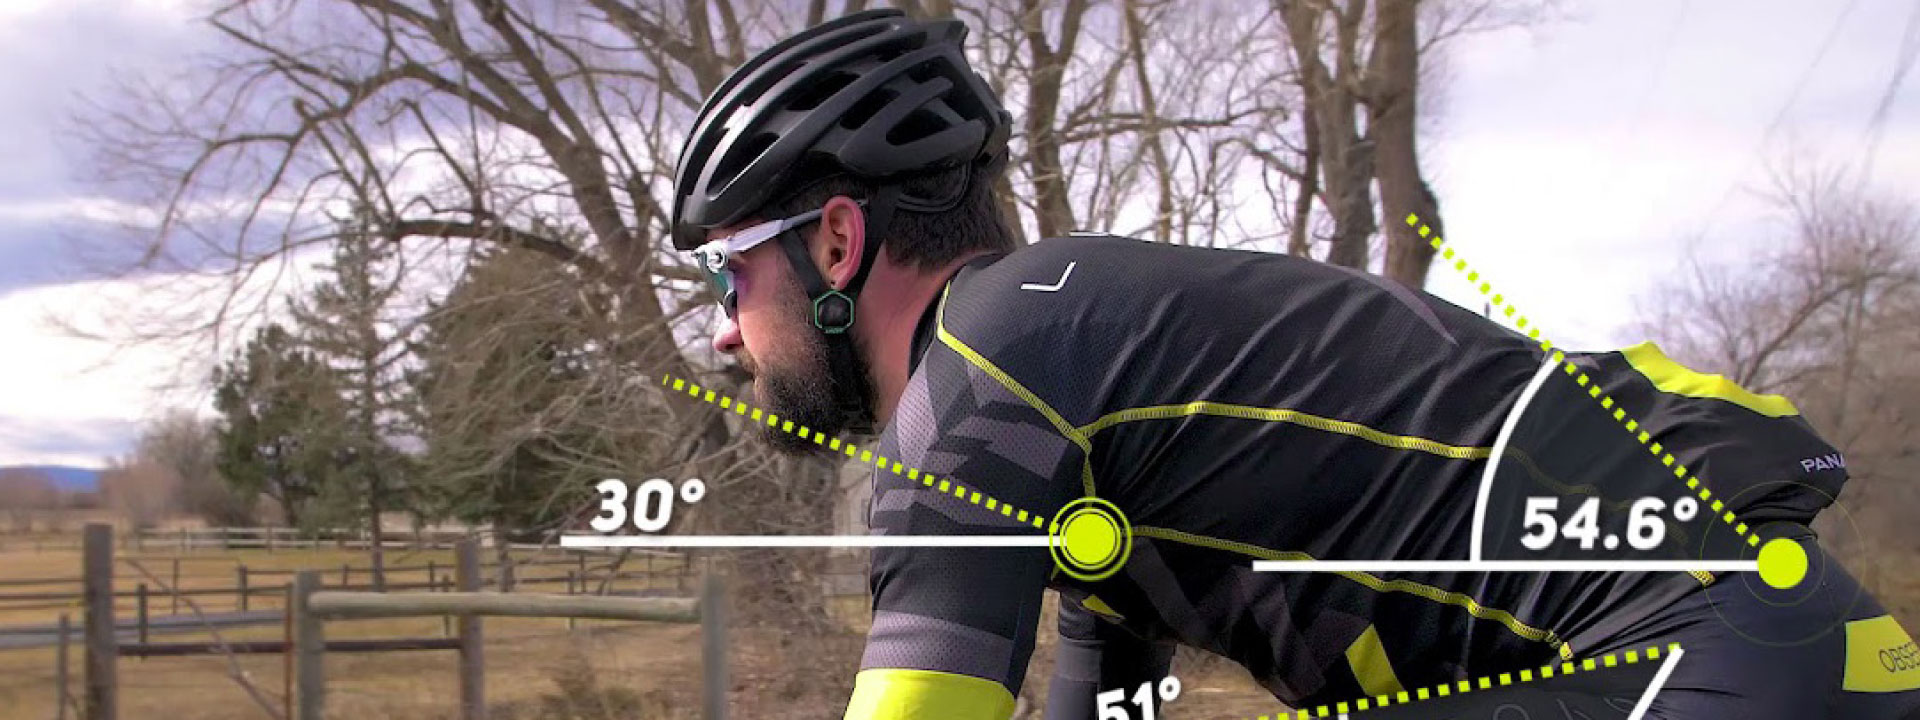 Etape 1 – Biomechanik & Bikefitting, Bild mit Radfahrer und seiner Stizposition auf dem Rad